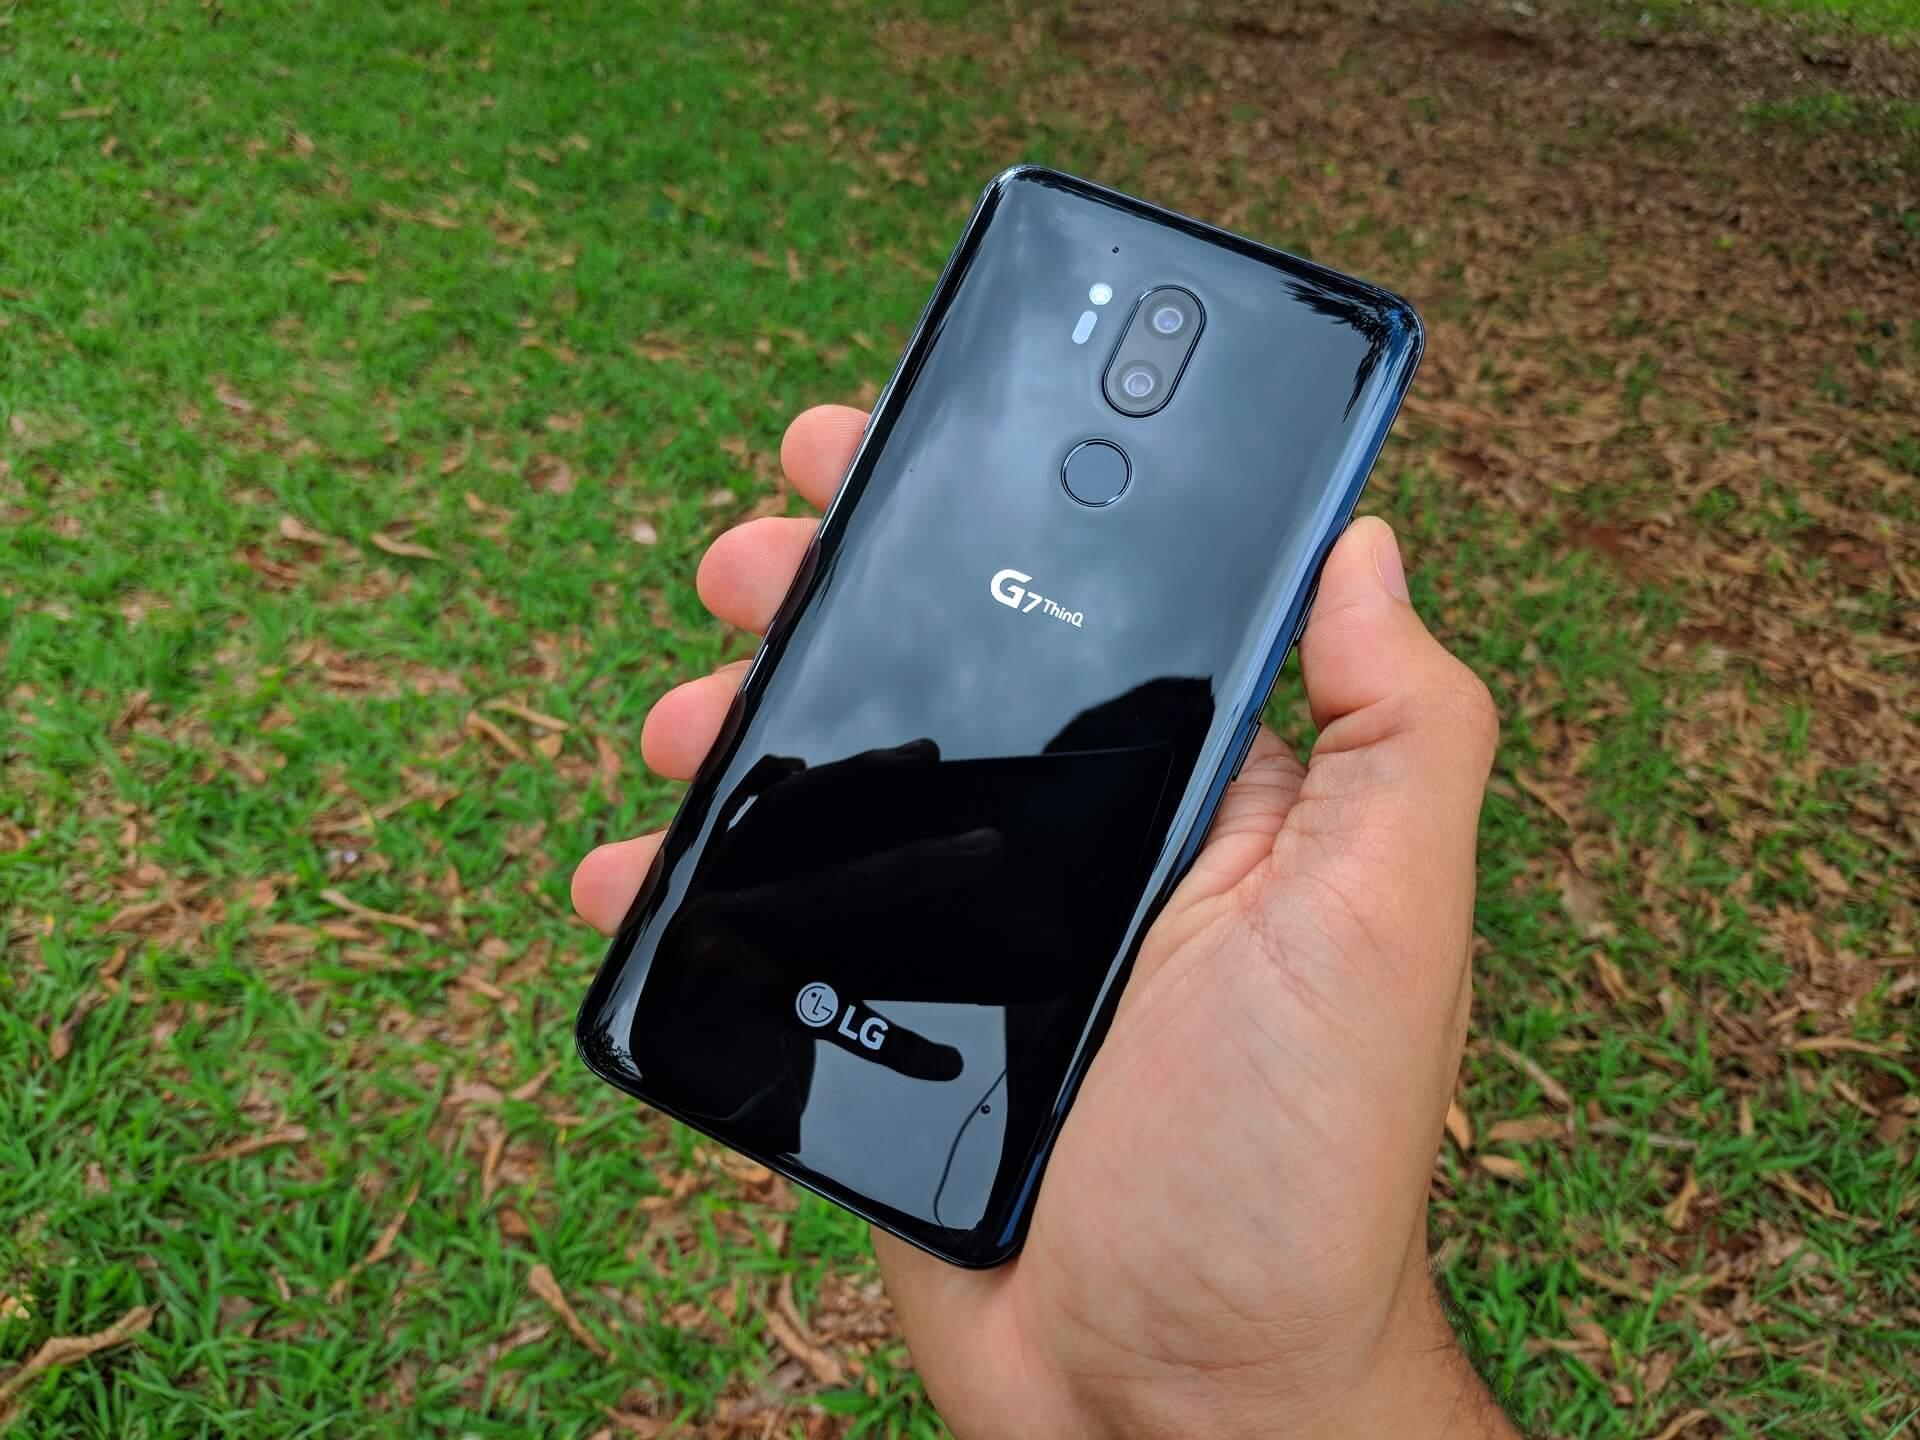 IMG 20181101 120657 - REVIEW: LG G7 ThinQ, um smartphone racional e de ótimo custo-benefício